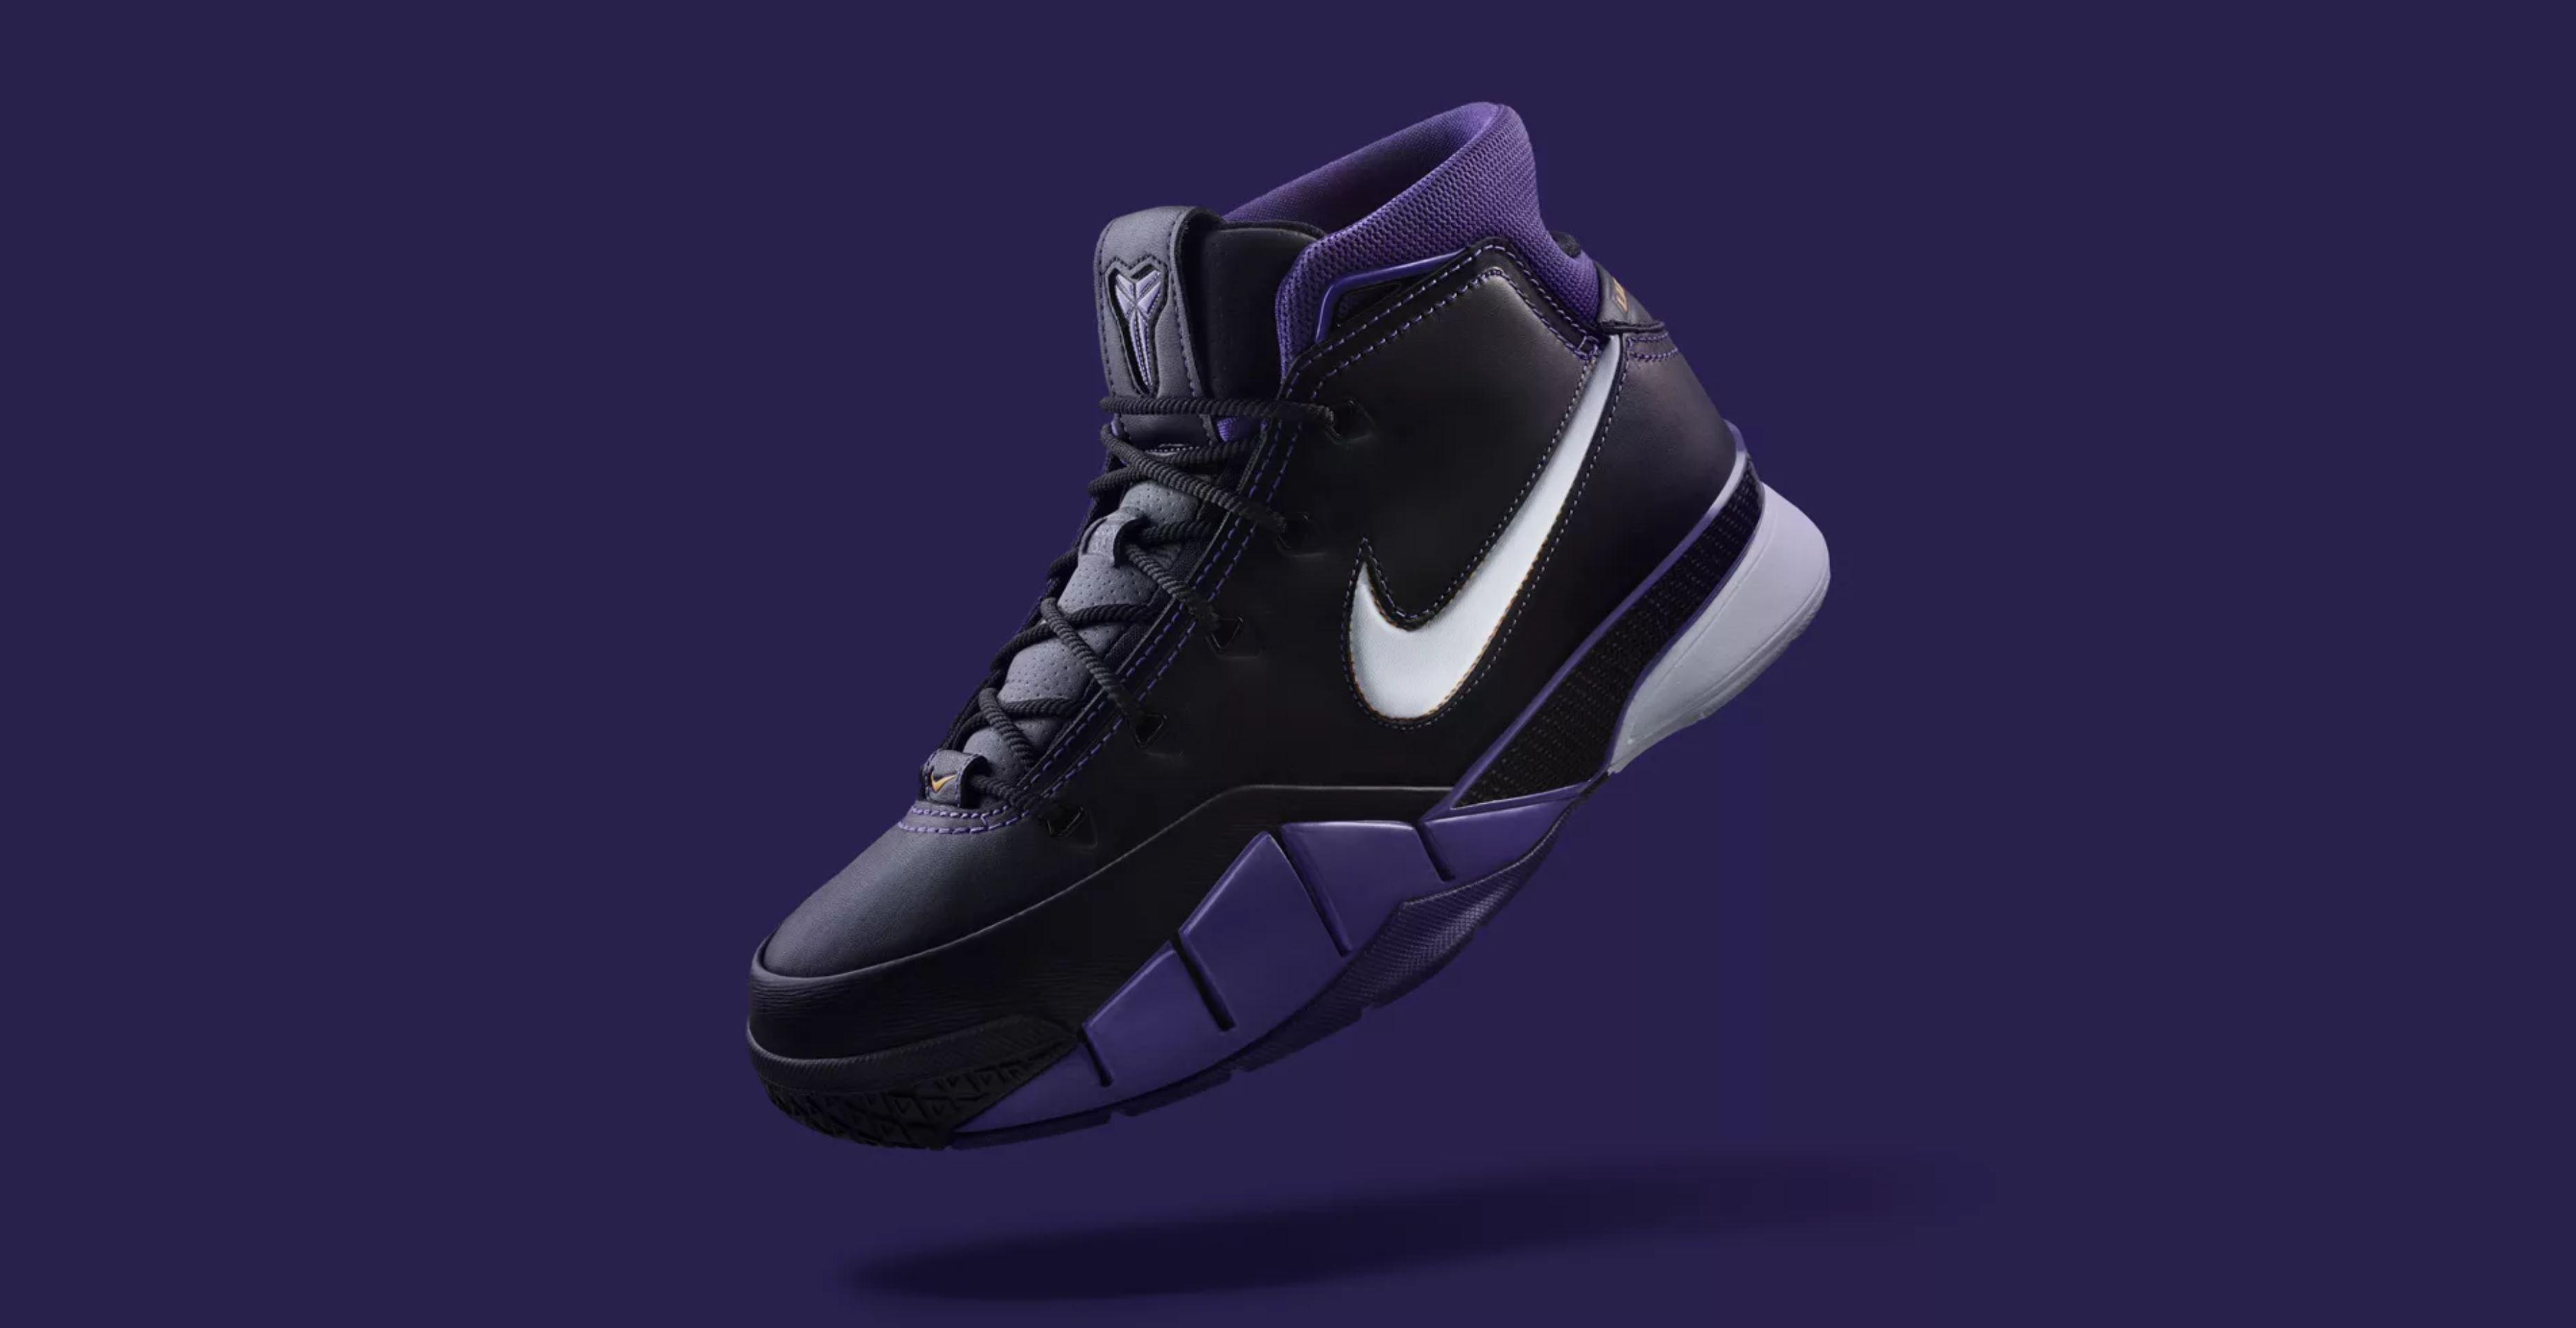 Kobe Bryant's OG Nike Kobe 1 Protro